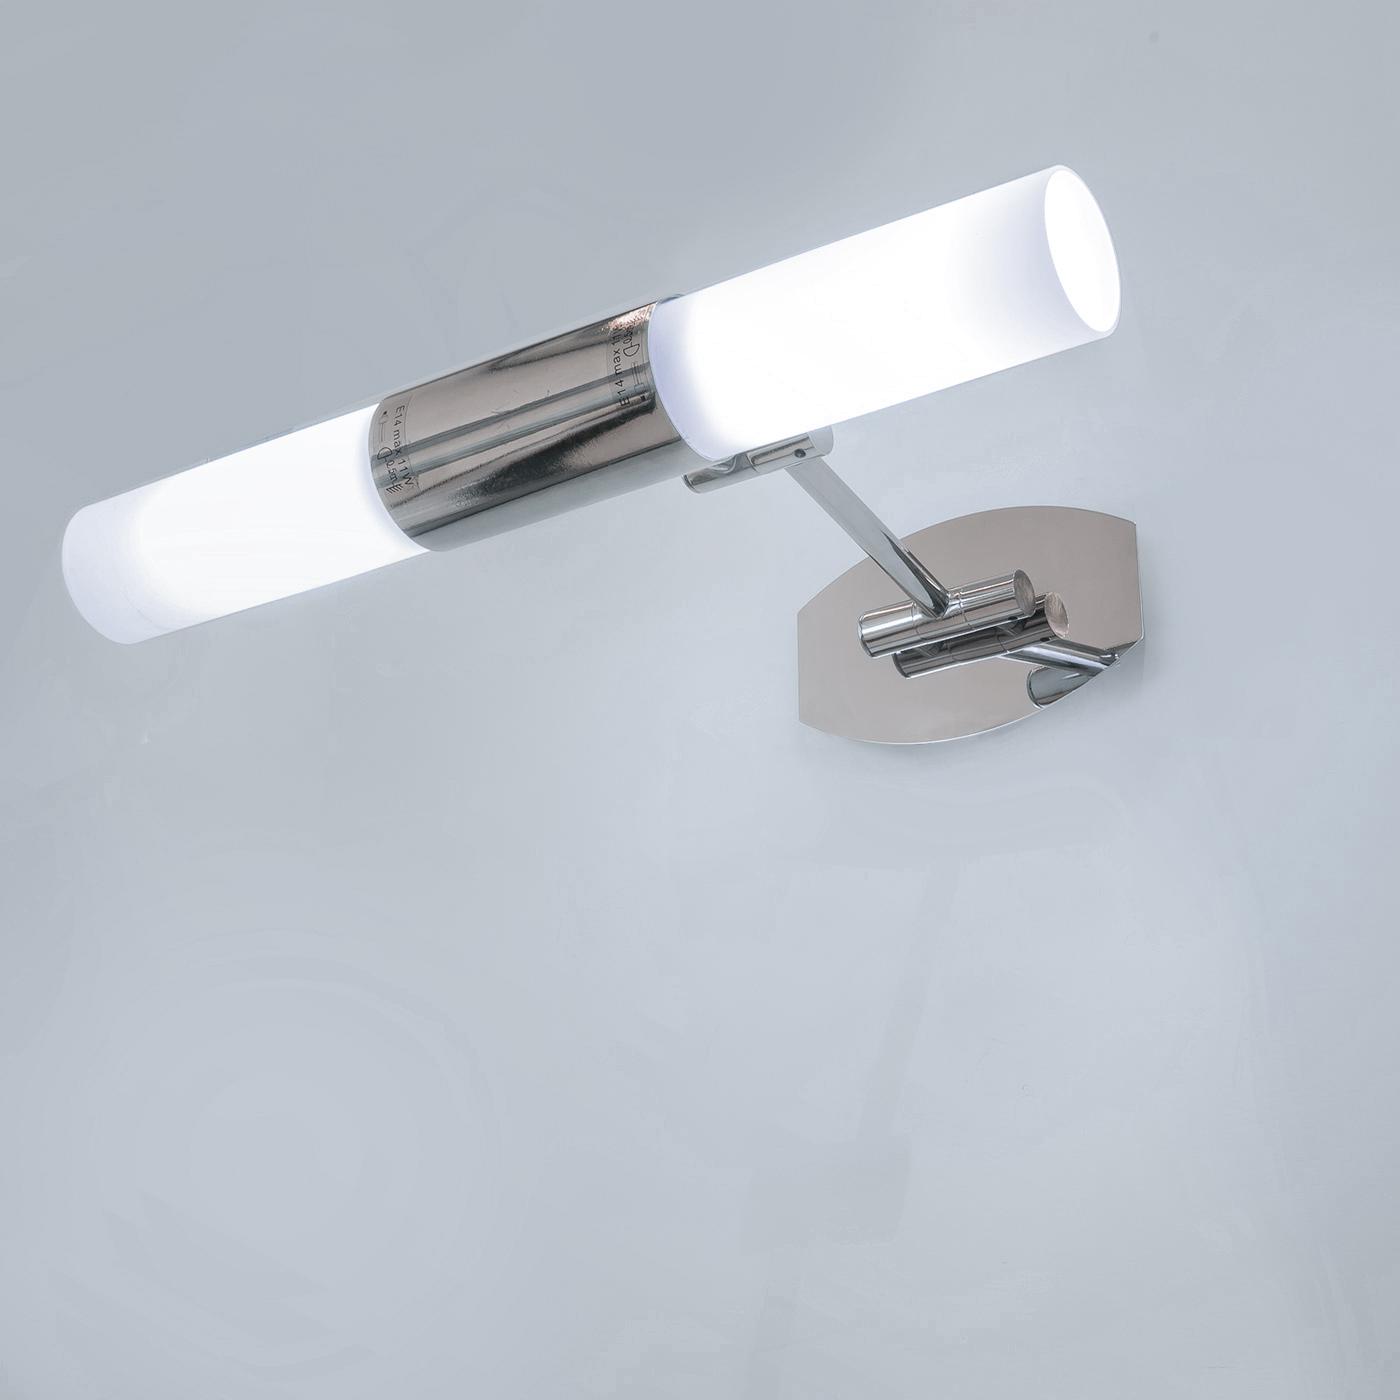 Applique led per specchio bagno prova sito - Applique bagno led ...